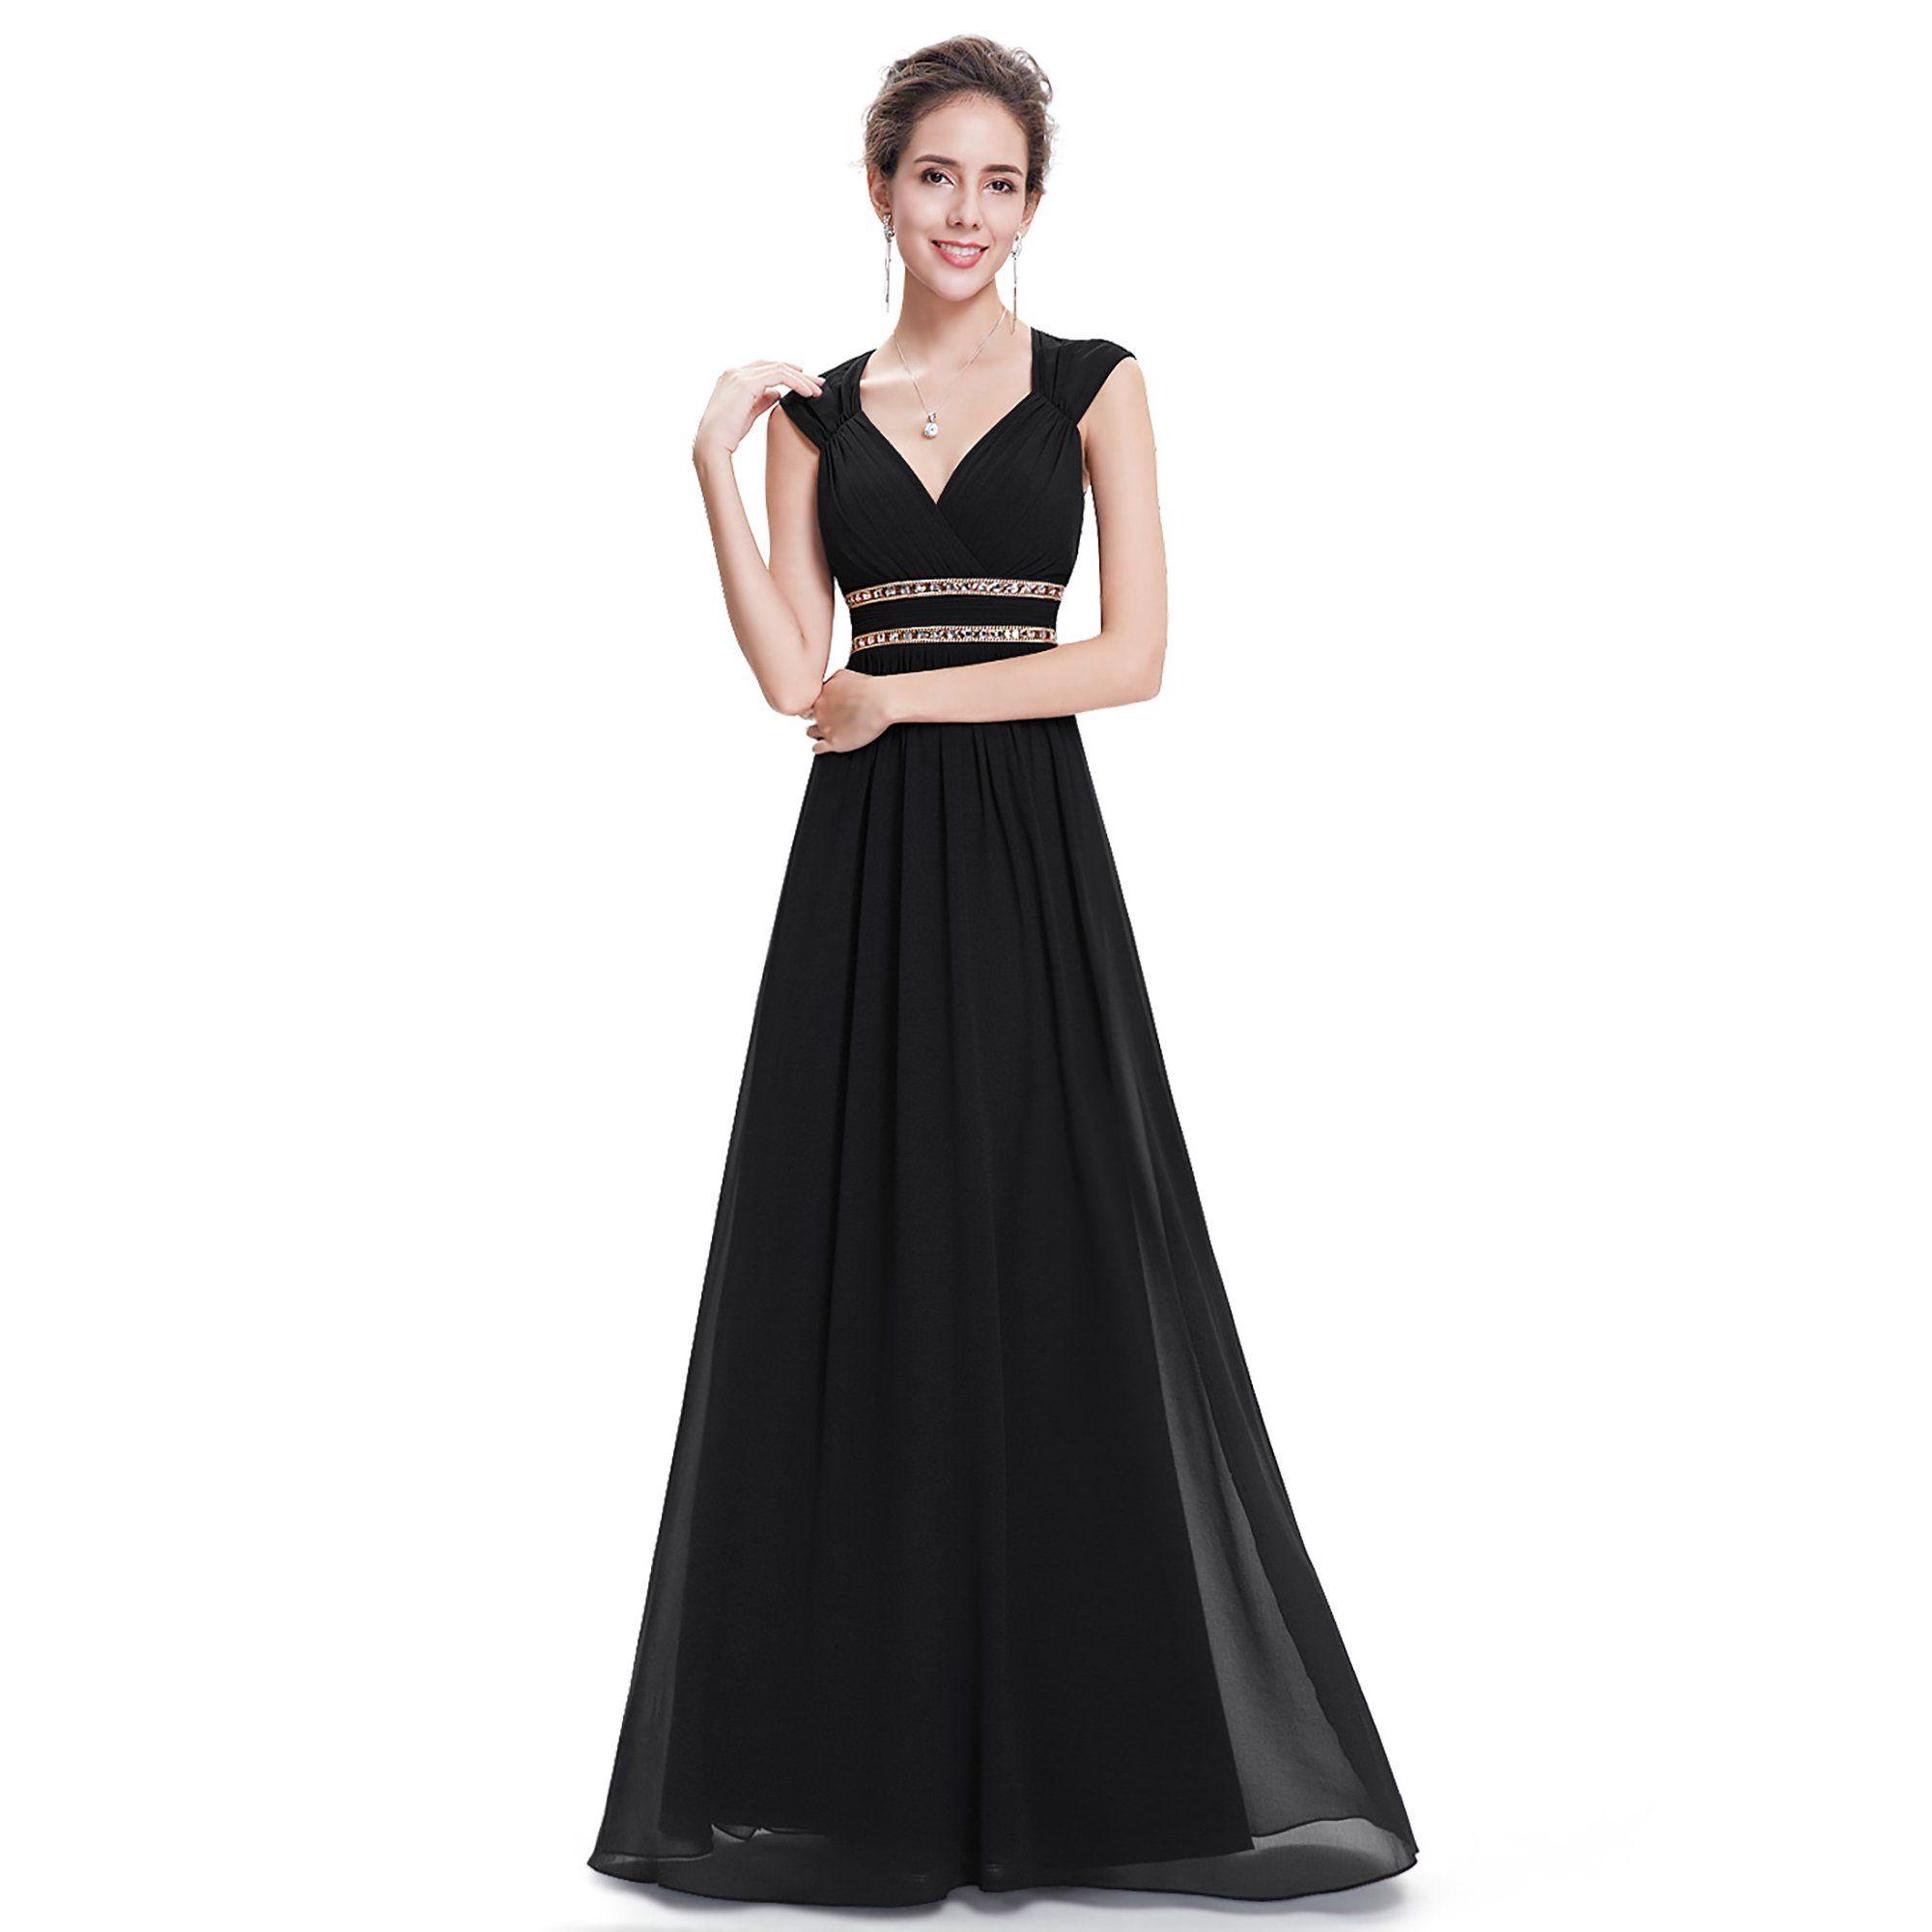 Ever Pretty Ever Pretty Womens Empire Waist Elegant Long Fomral Evening Party Prom Dresses For Women 86972 Black Us14 Walmart Com Prom Party Dresses Prom Dresses Perfect Prom Dress [ 2000 x 2000 Pixel ]